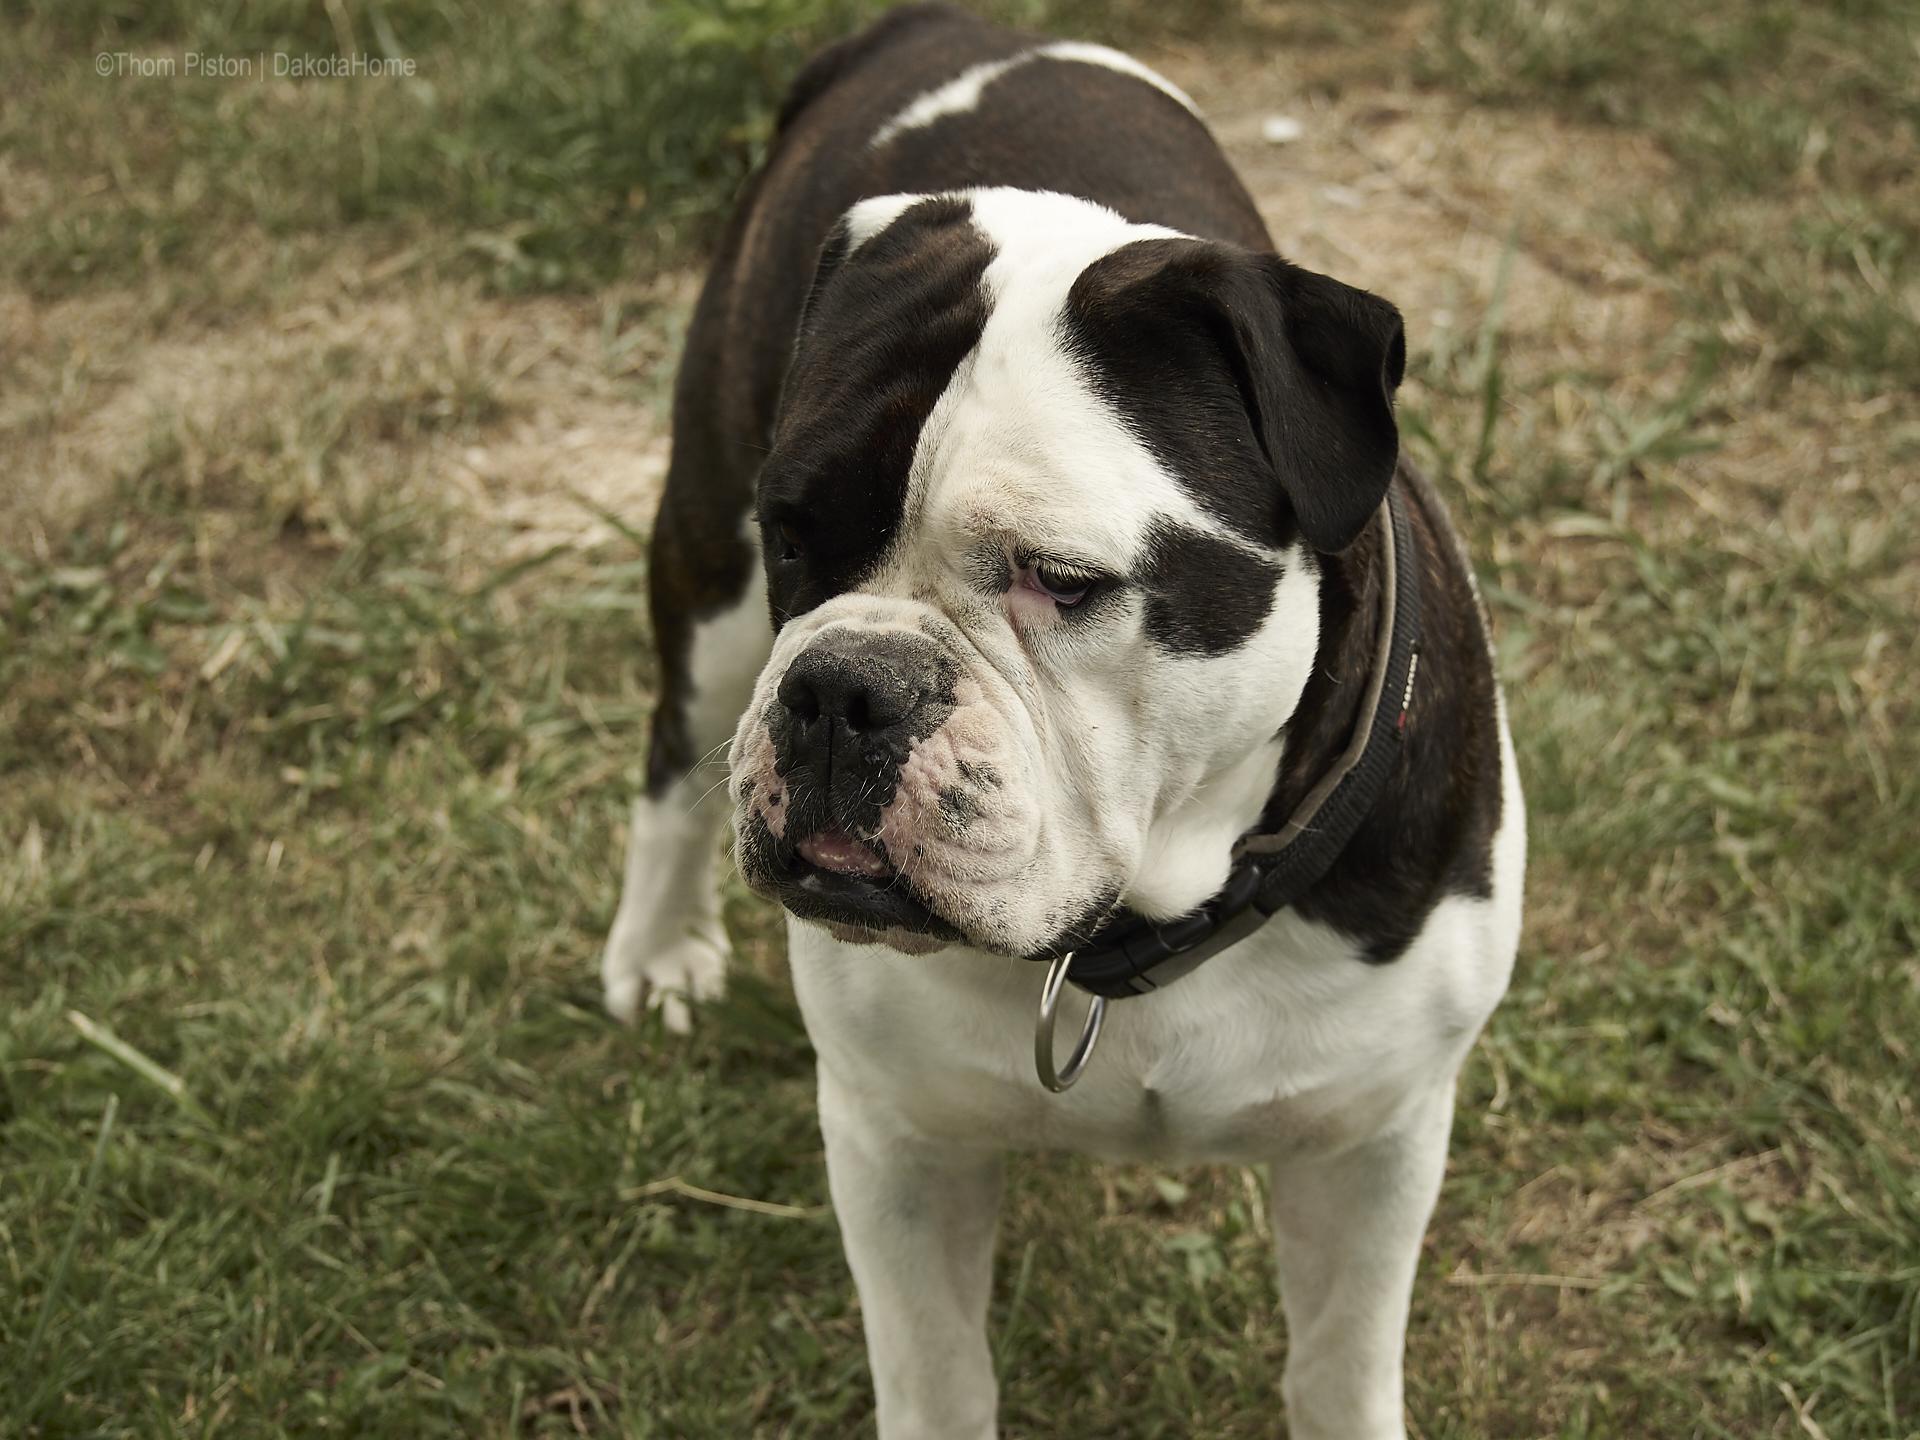 Dakota Home, Alwin die Olde British Bulldog kurz vorm blödsinn machen..zb. kartoffeln ausgraben um zu sehn ob sie schon fertig sind...